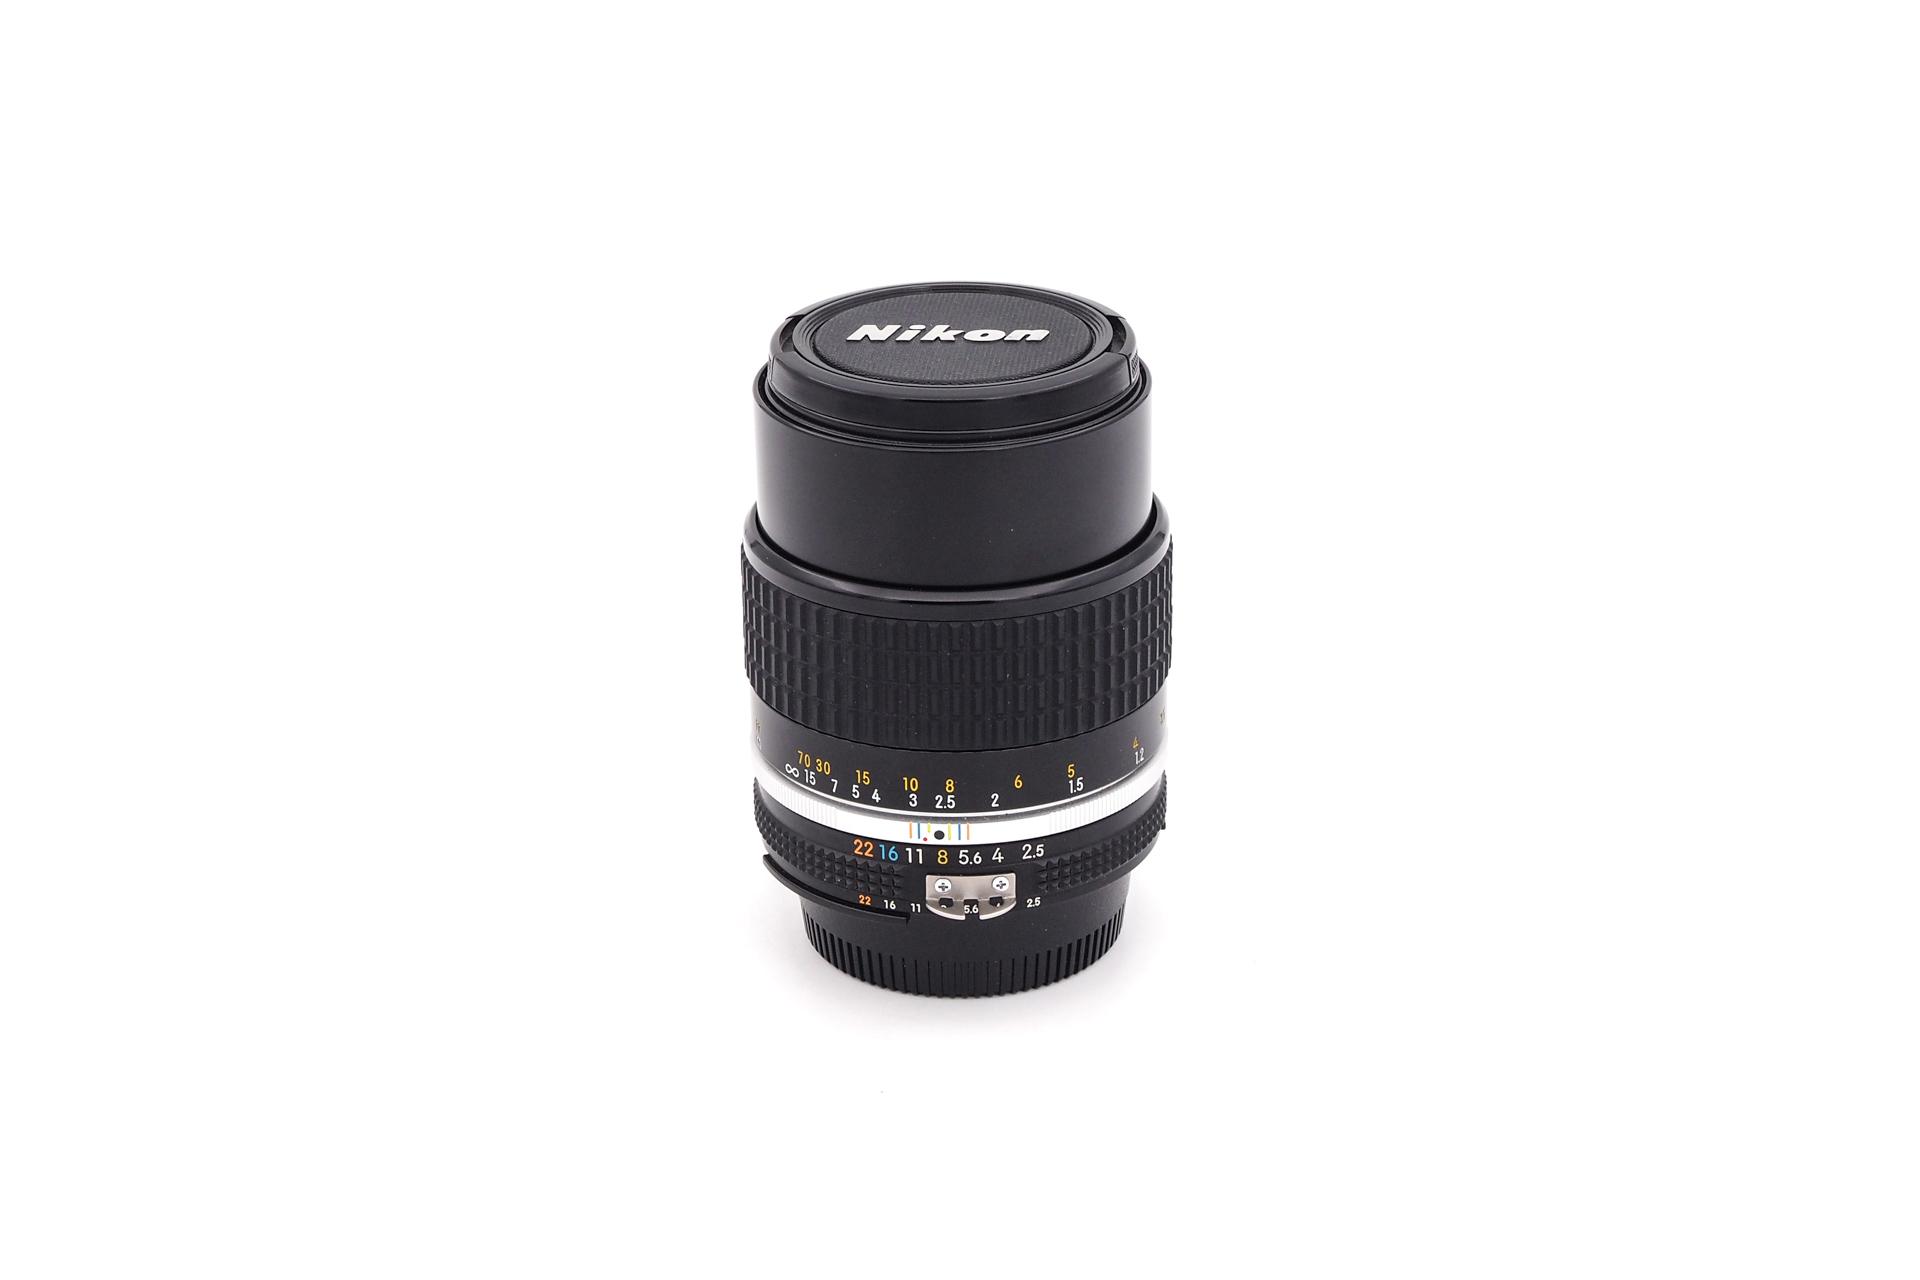 Nikon AI-S 105mm F/2.5